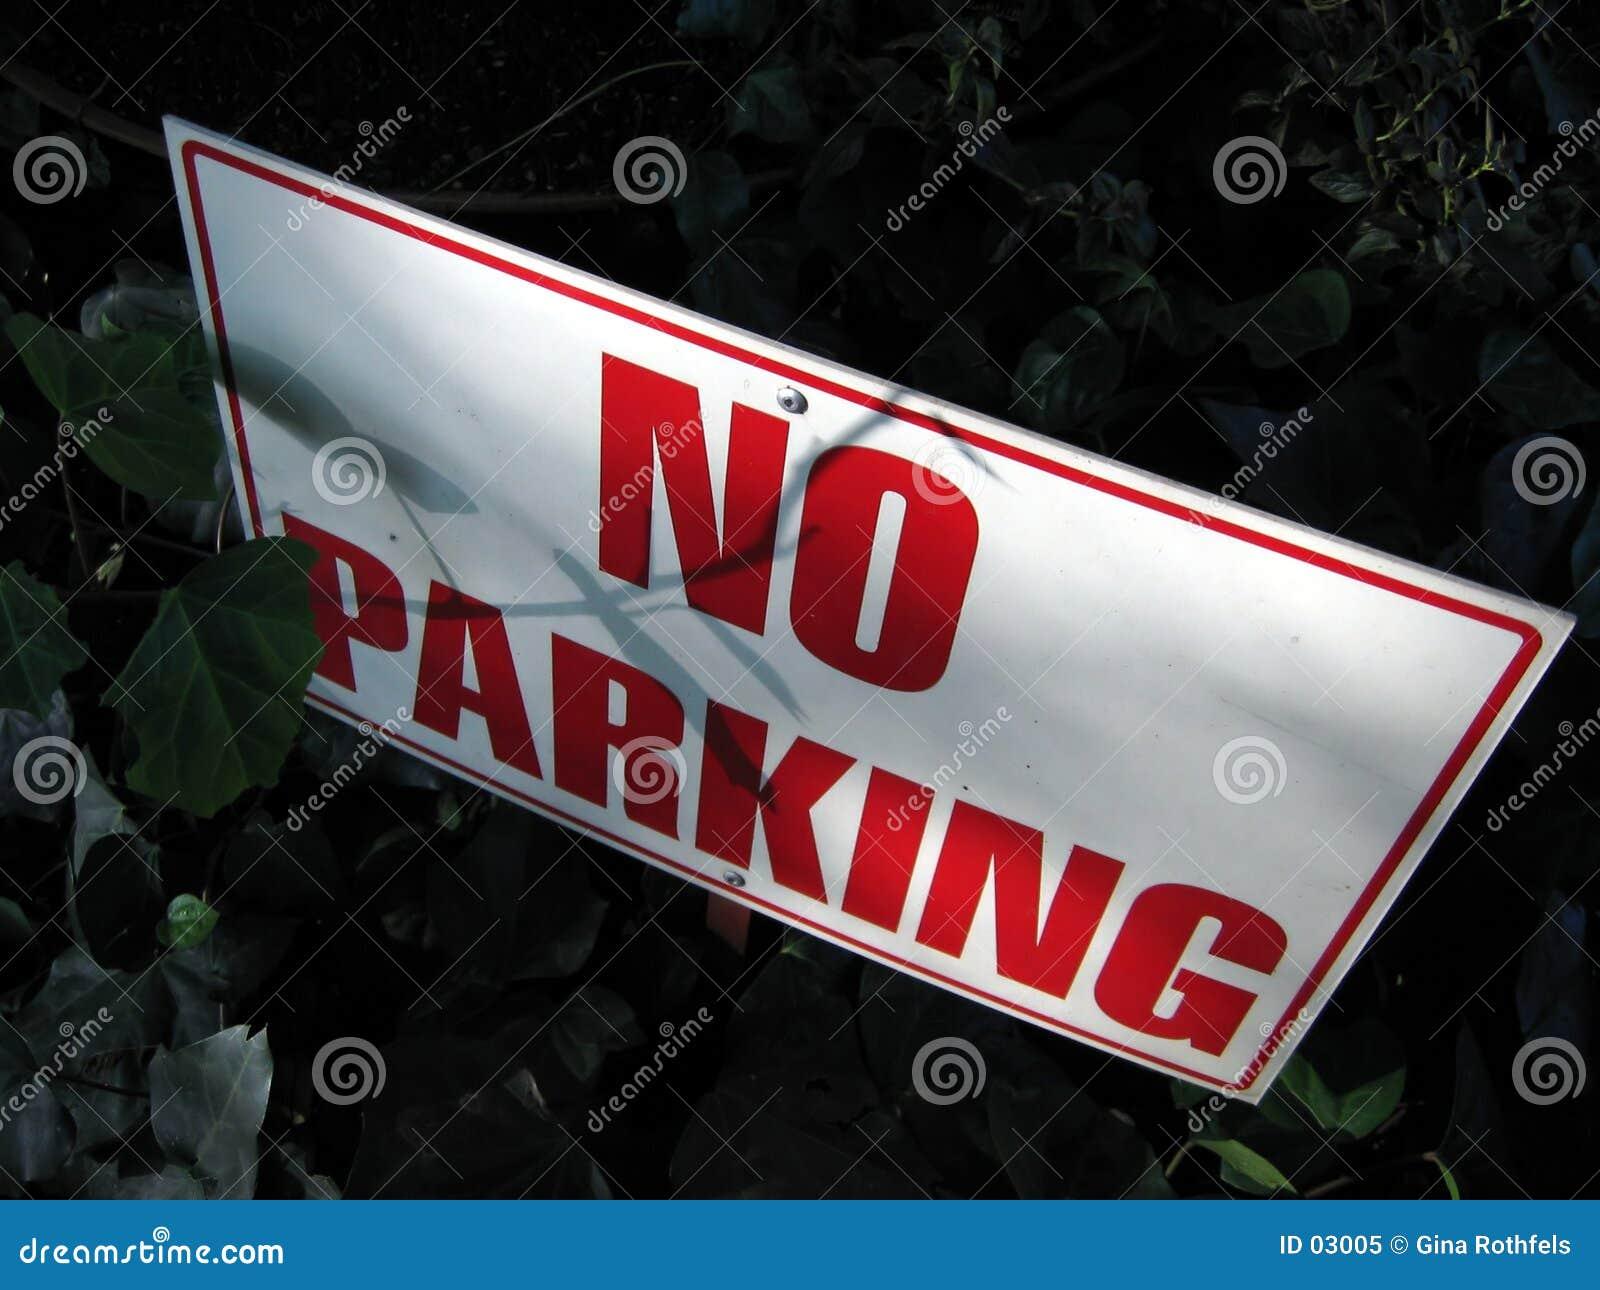 Ningún estacionamiento